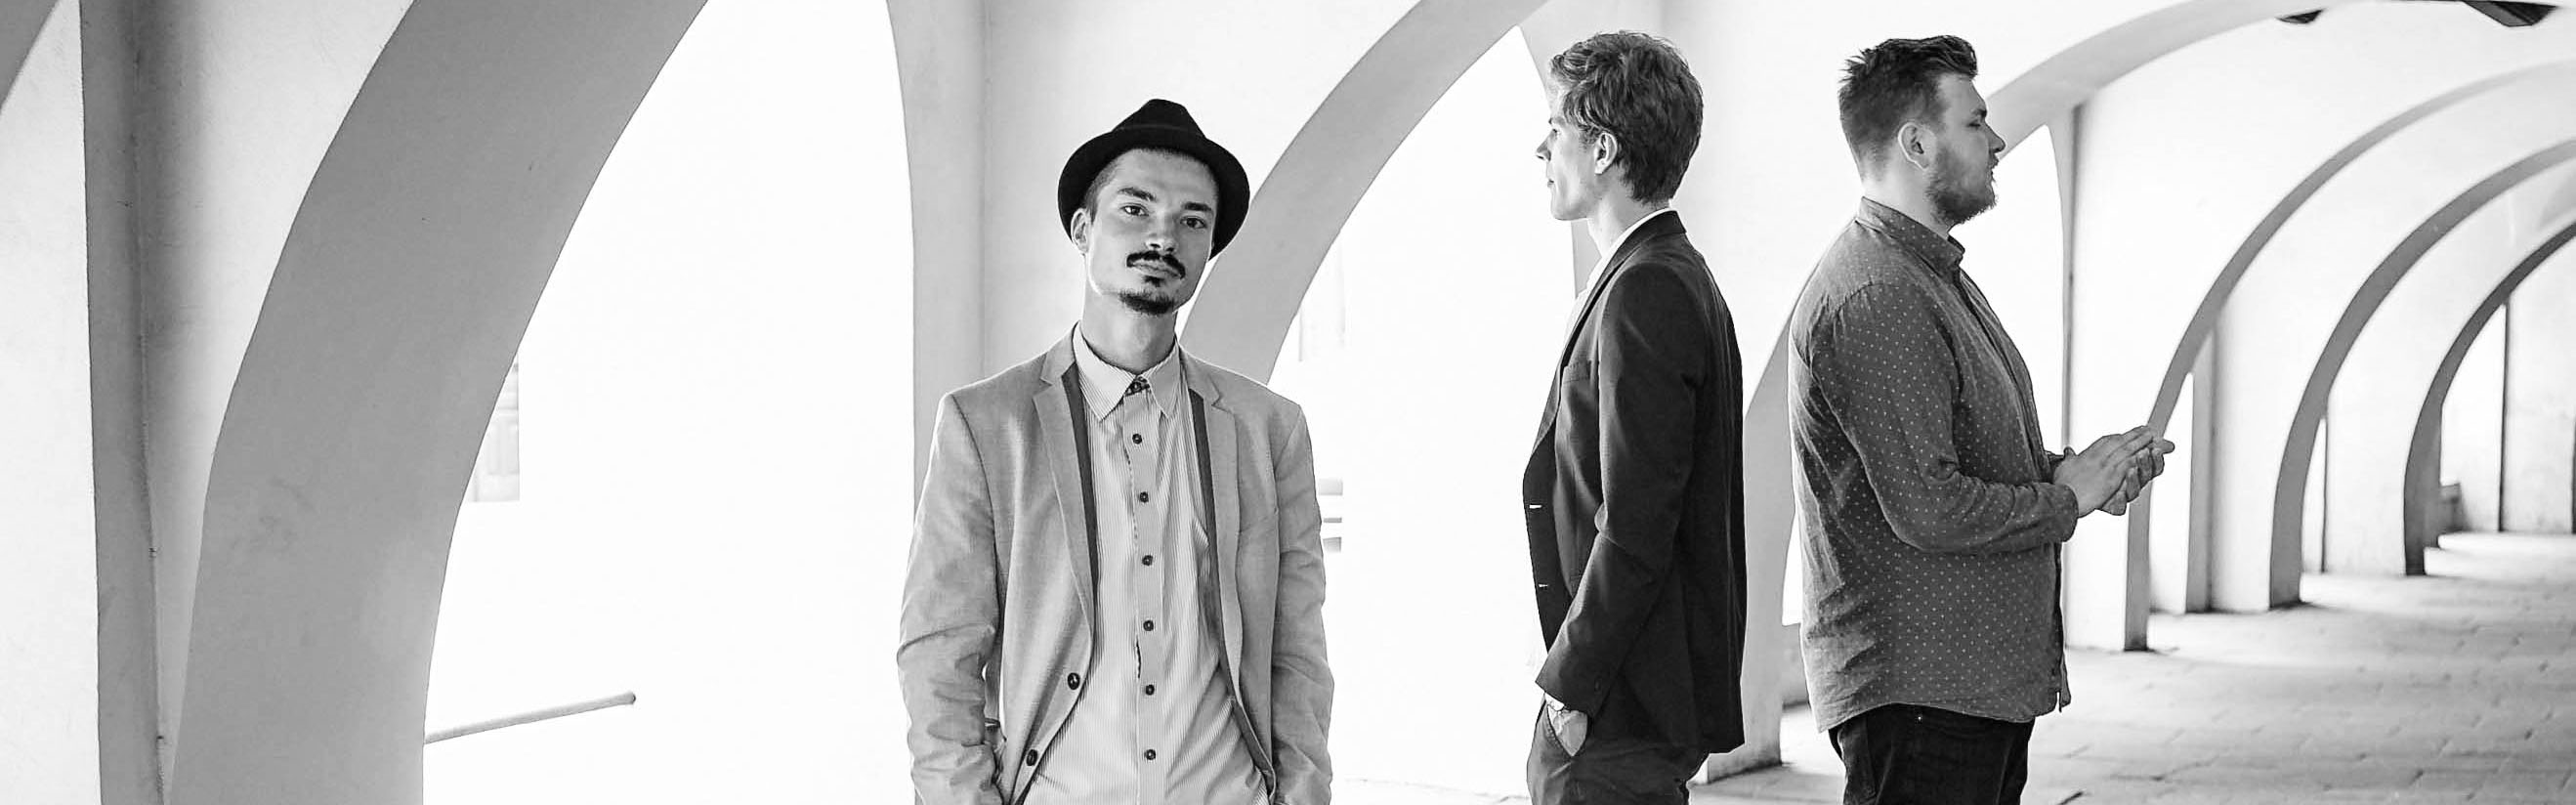 mg-trio-jazz-juniors